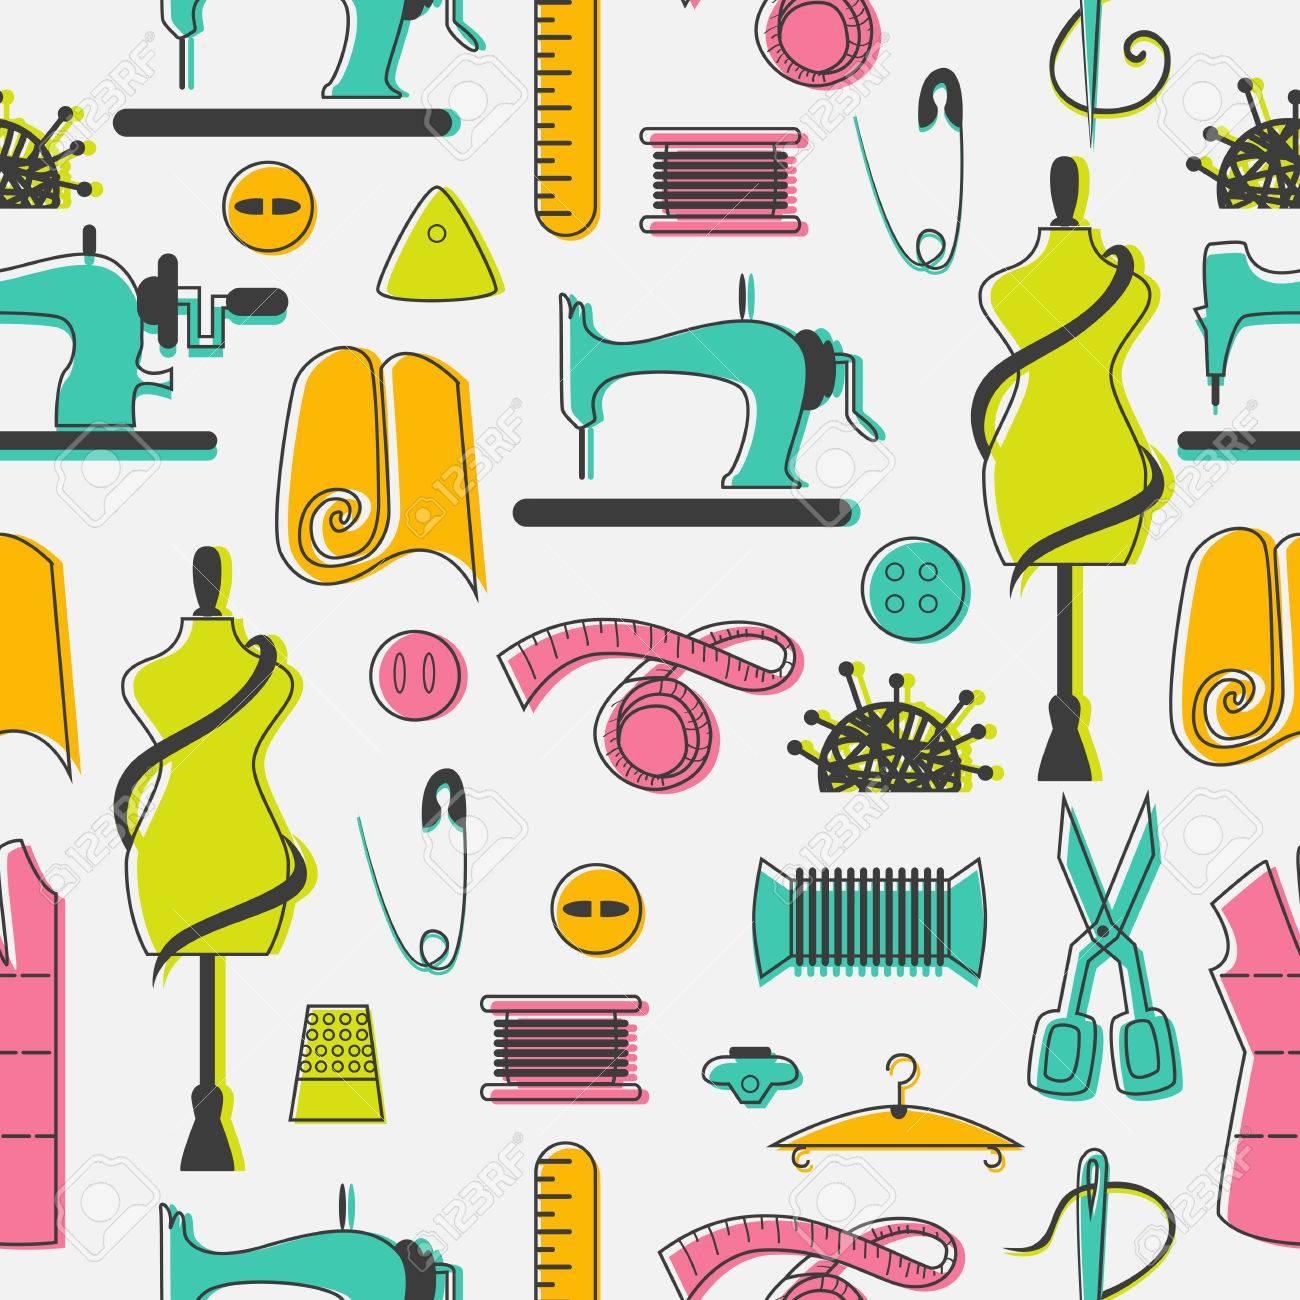 Näh- Und Schneider Elemente In Nahtlose Muster. Nähmaschine, Textil ...